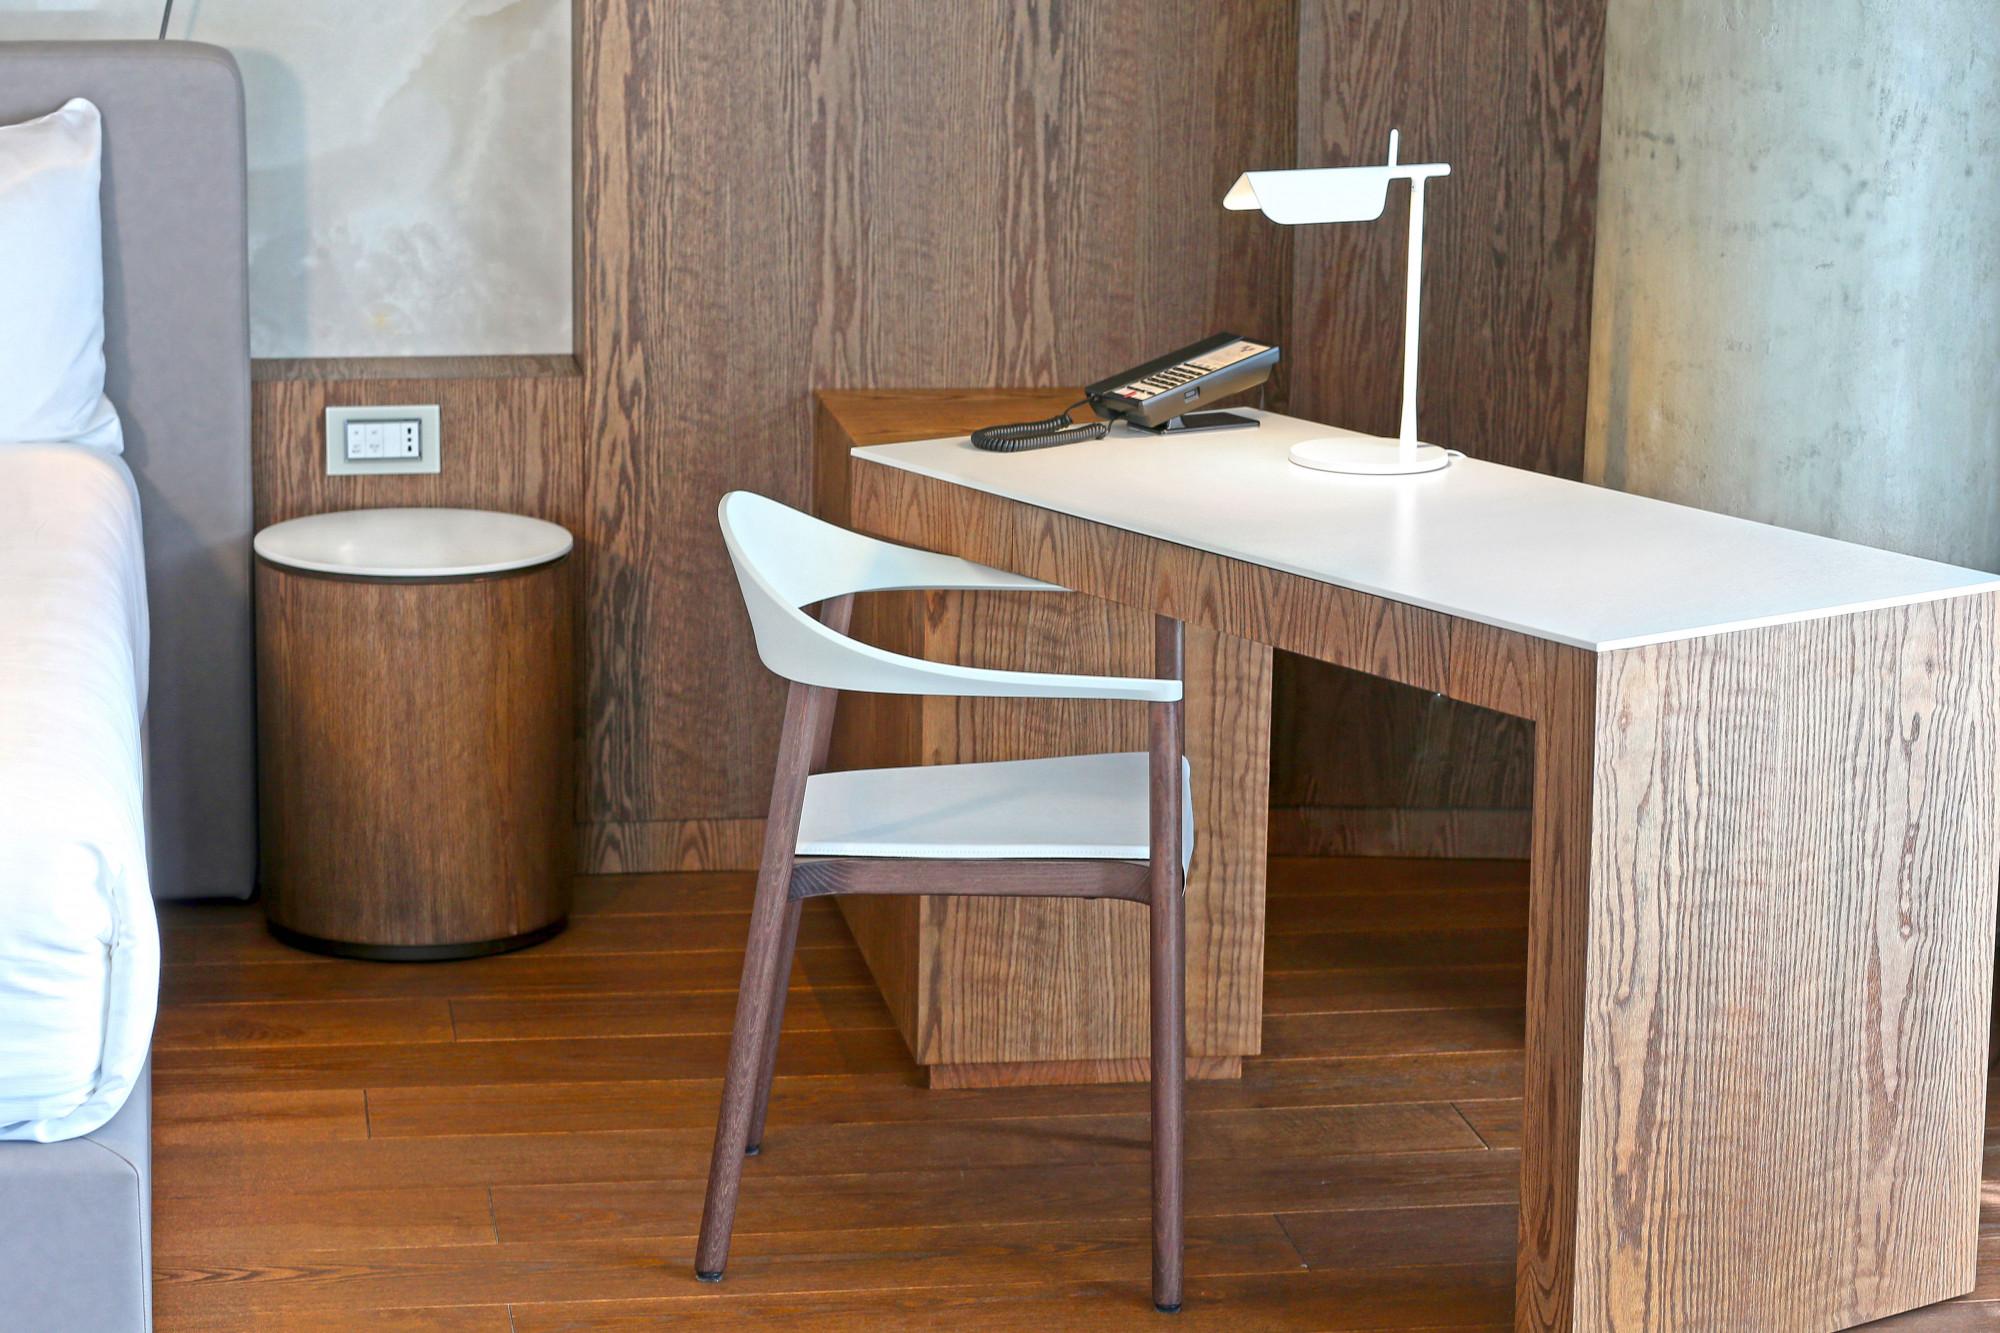 Fabriquer Une Table De Cuisine Avec Un Plan De Travail fabricant de plan de travail de cuisine en quartz gironde 33